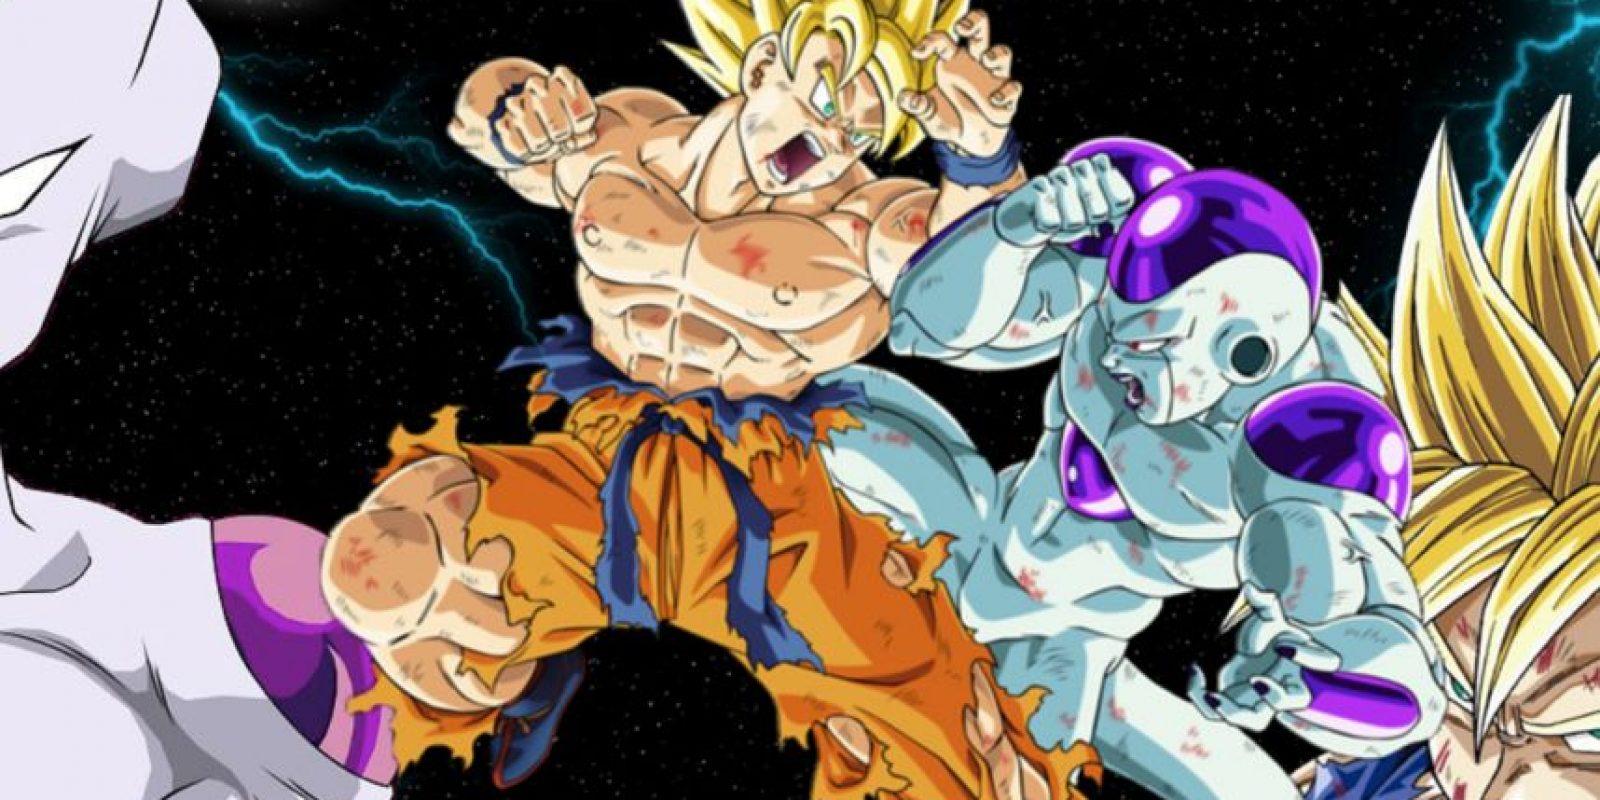 La batalla de Freezer y Gokú (la primera) duró 3 horas y media, siendo la más larga de la historia del Anime Foto:Toei